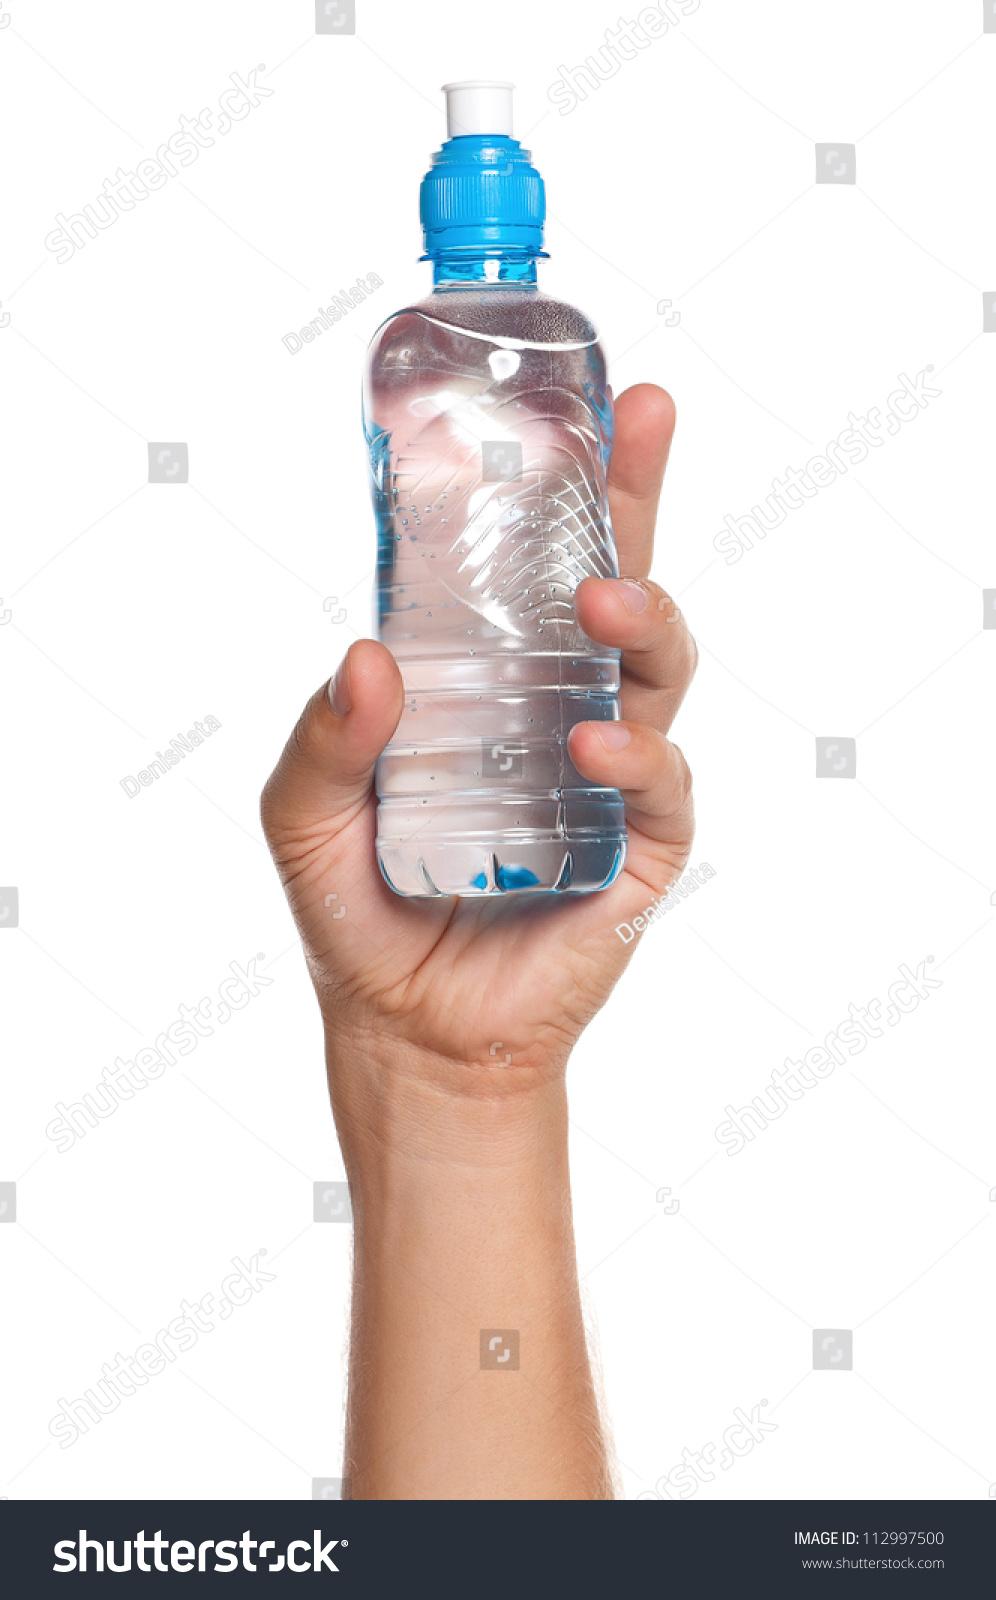 男人拿着一瓶水孤立在白色背景-食品及饮料